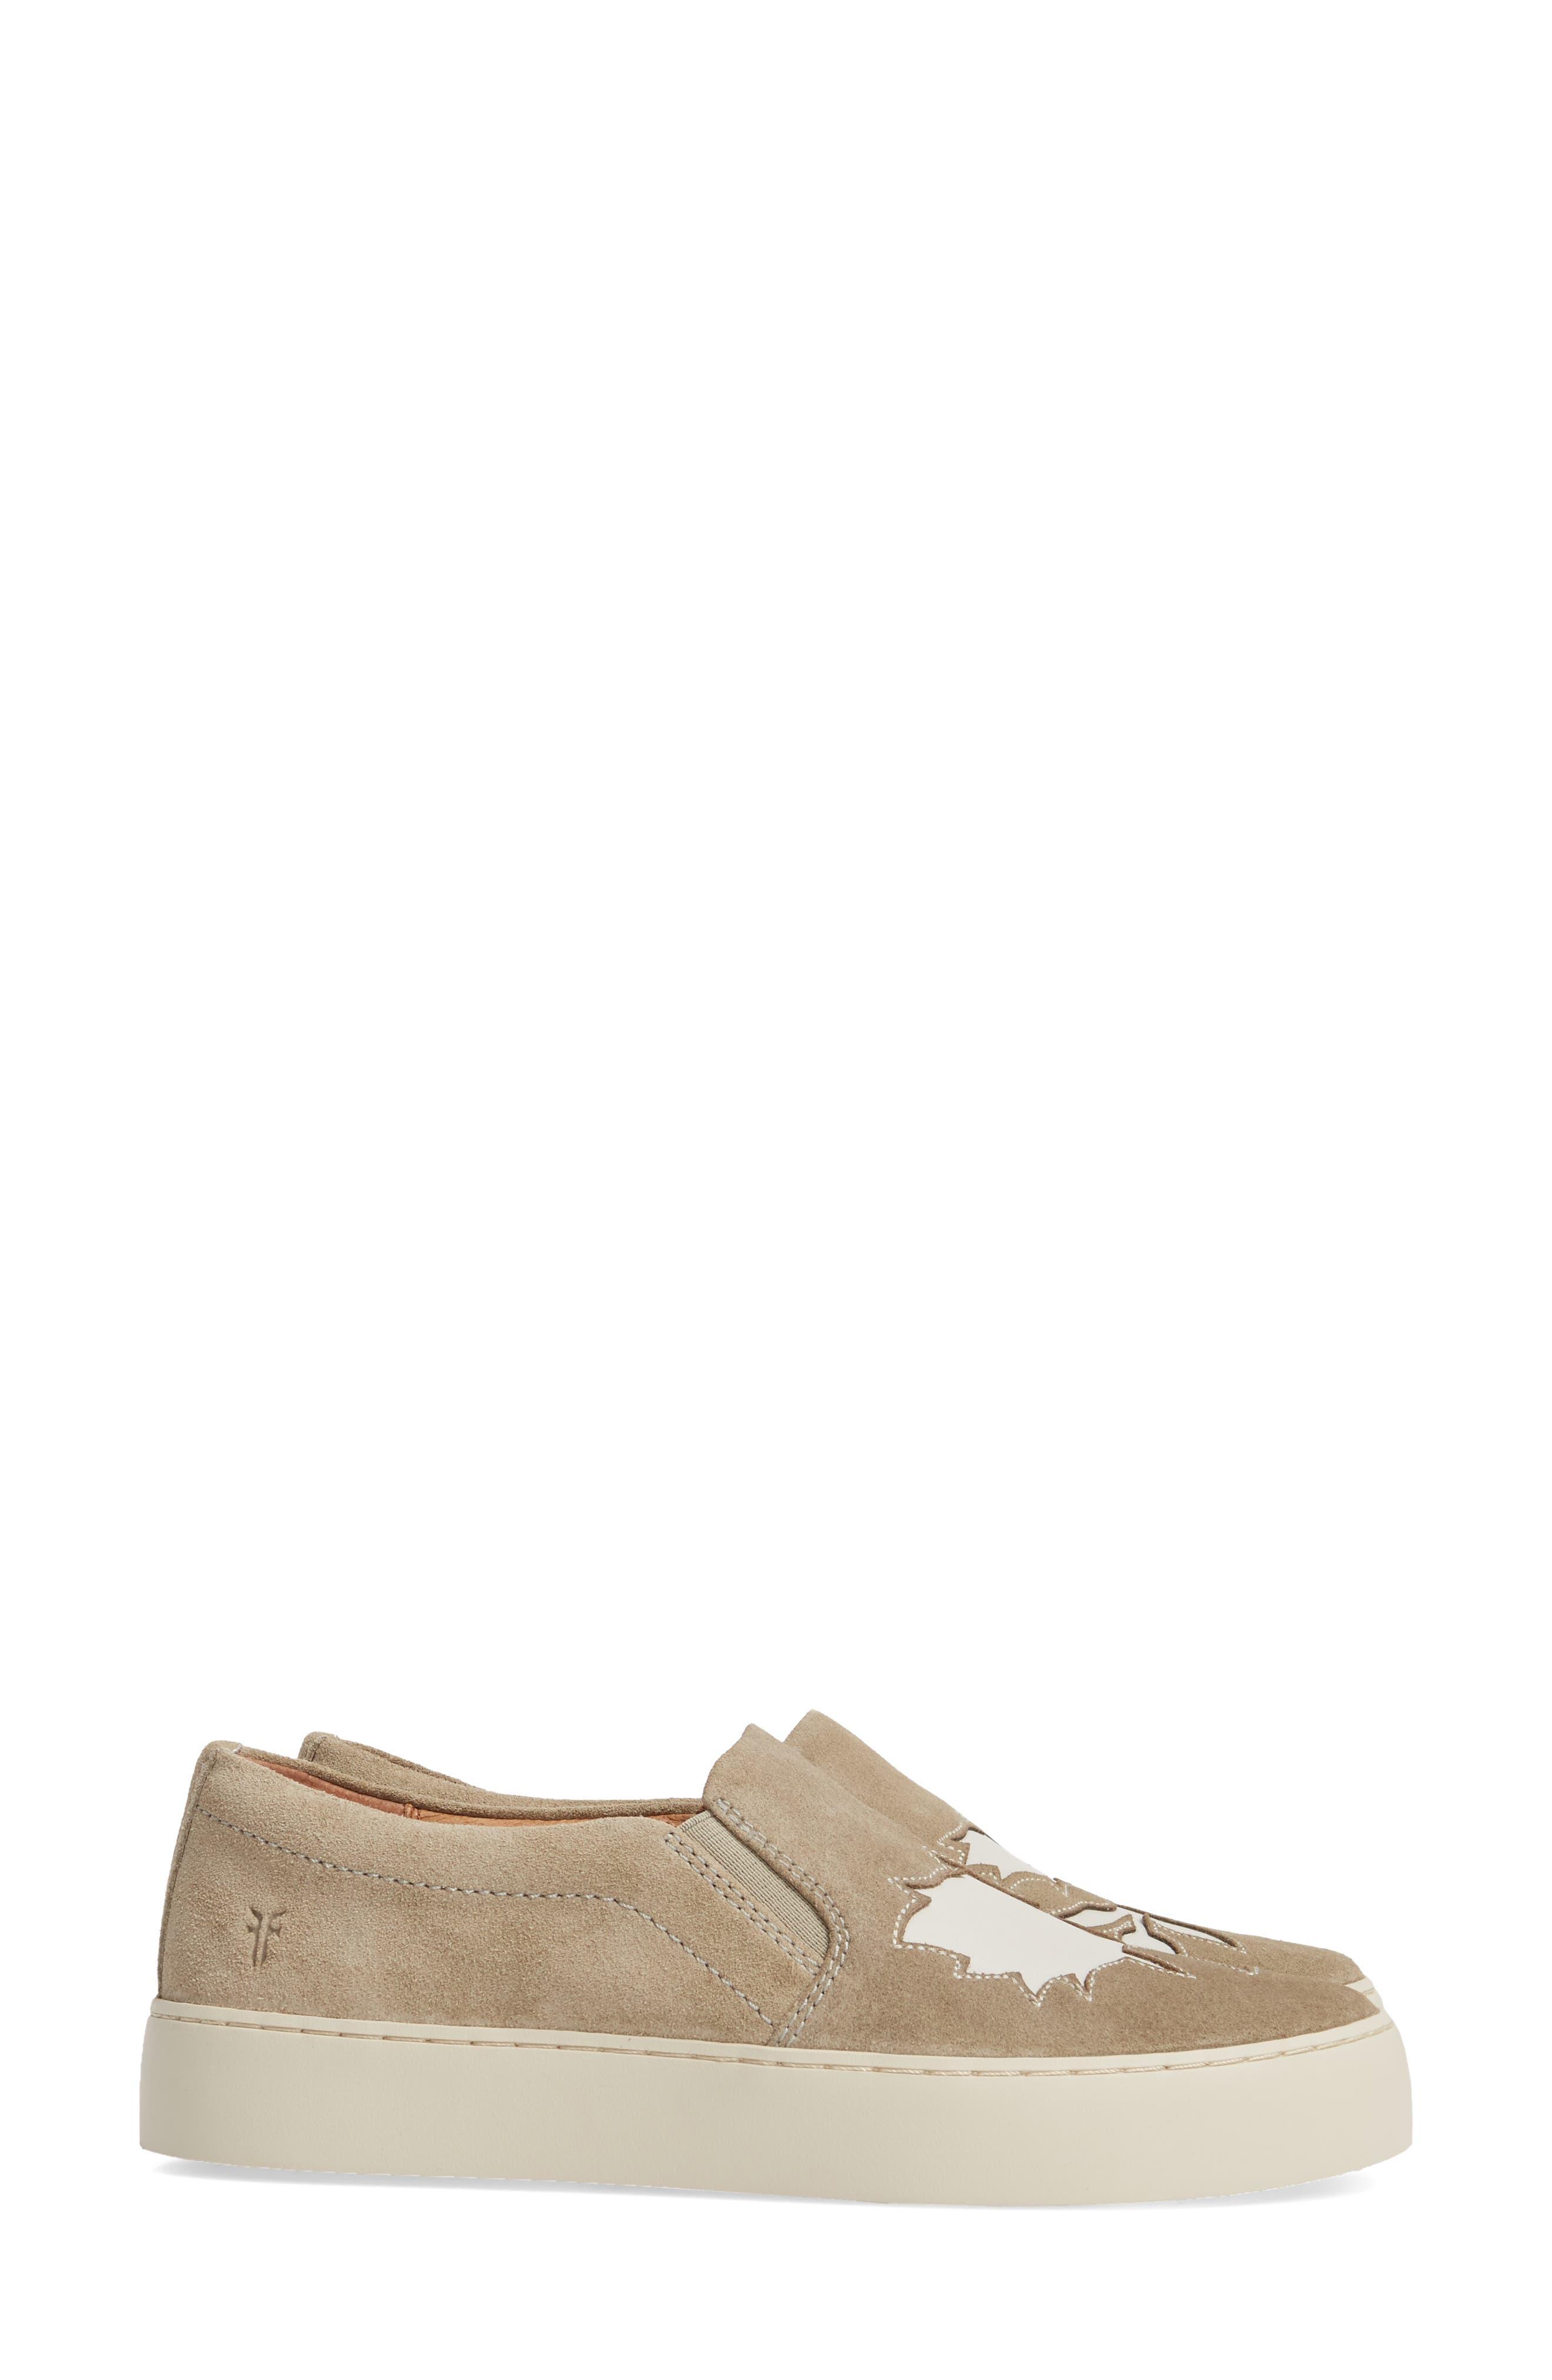 Lena Floral Slip-On Sneaker,                             Alternate thumbnail 8, color,